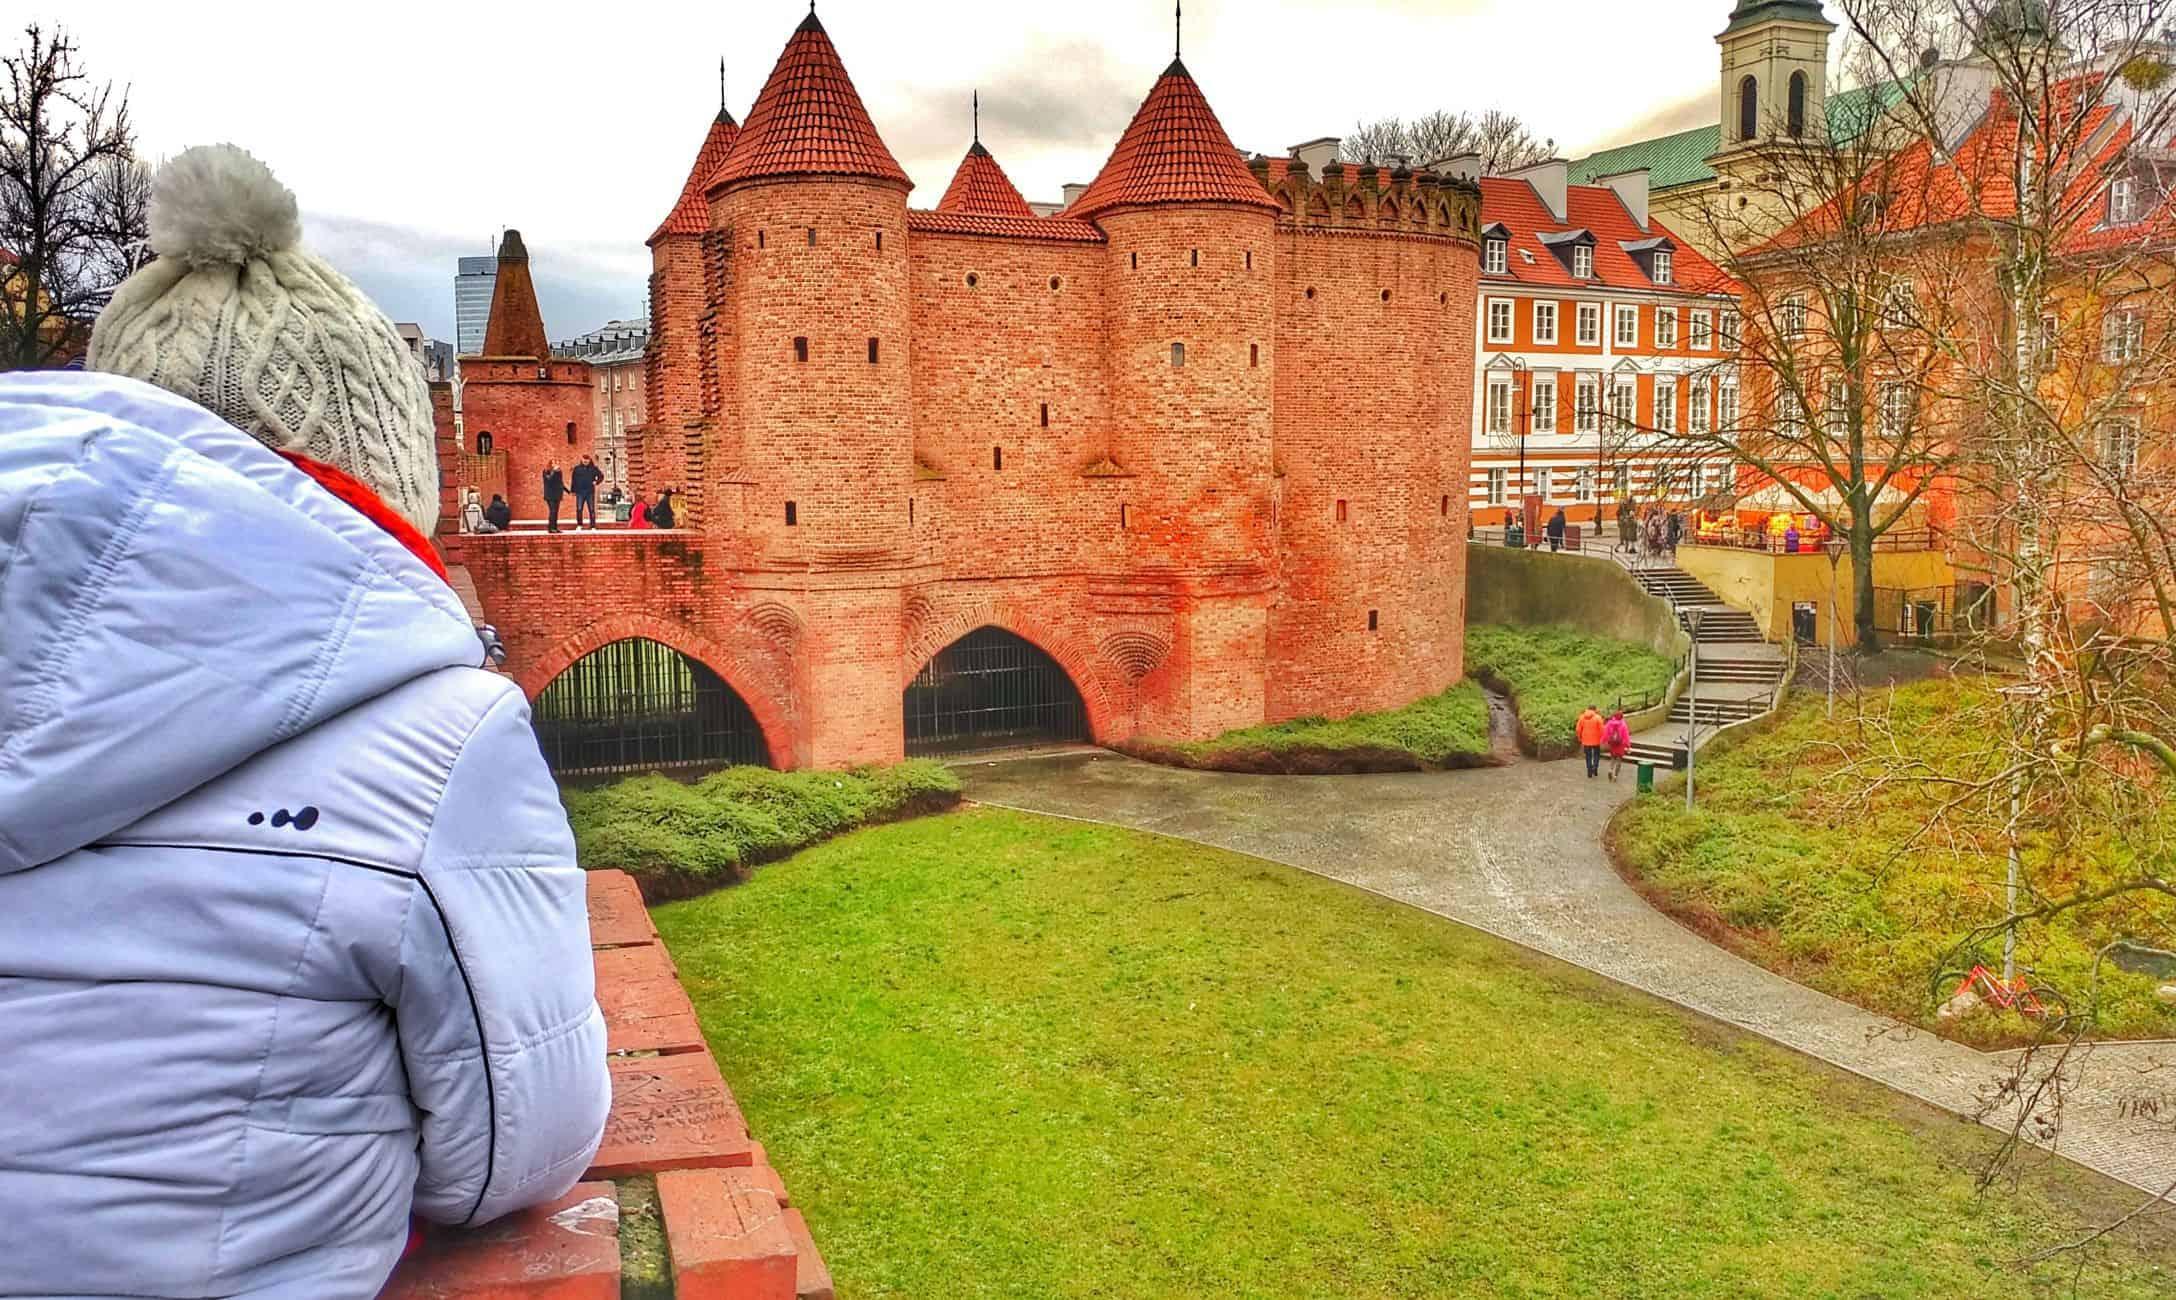 Cosa vedere a Varsavia in un giorno: 10 posti da visitare nella Città Vecchia